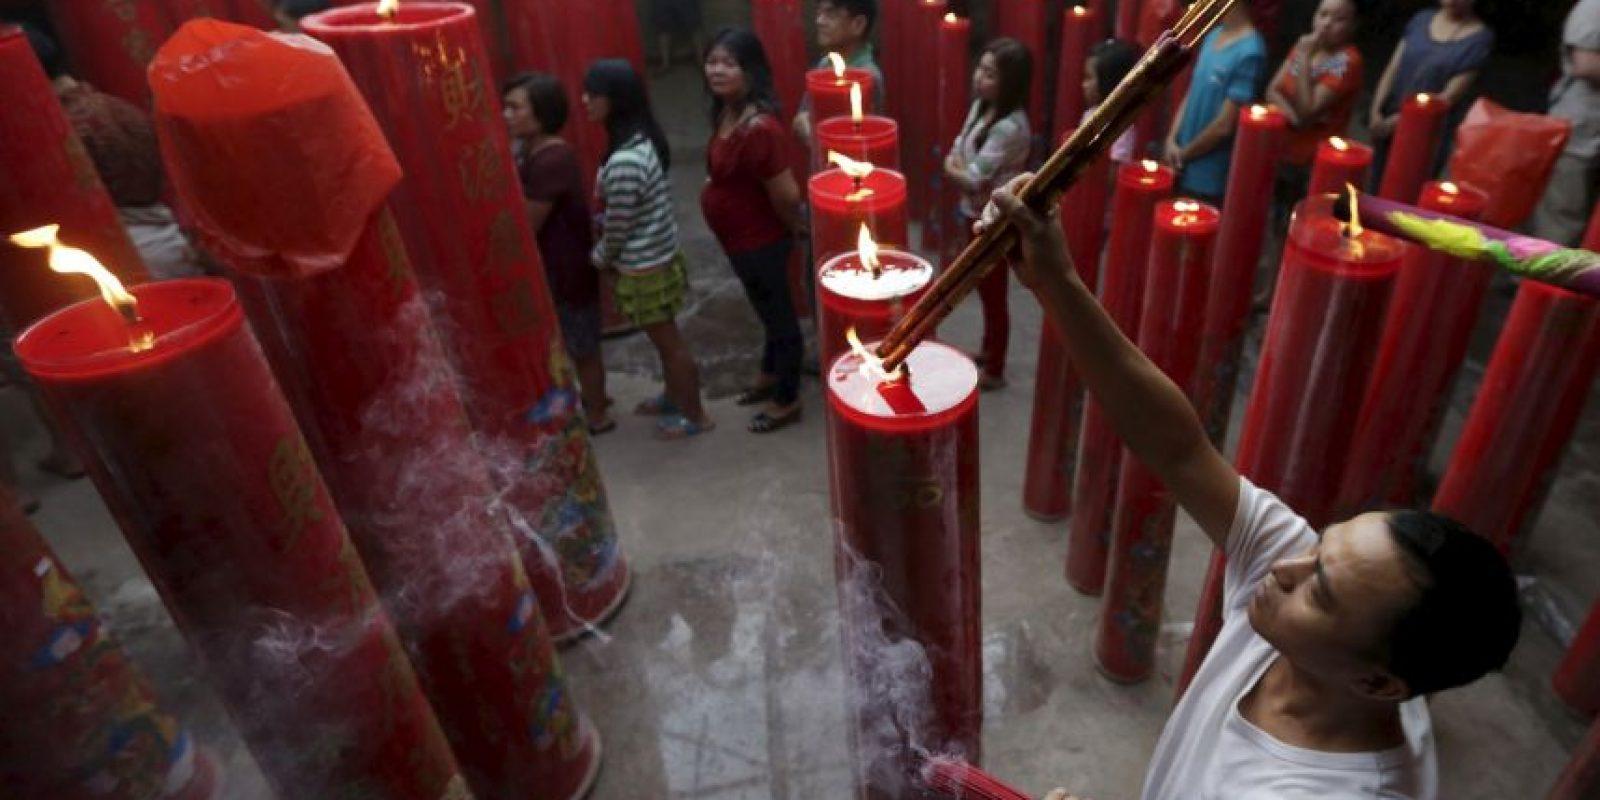 Muchas familias se unen ofreciendo cenas en la víspera del Año Nuevo. Foto:AP